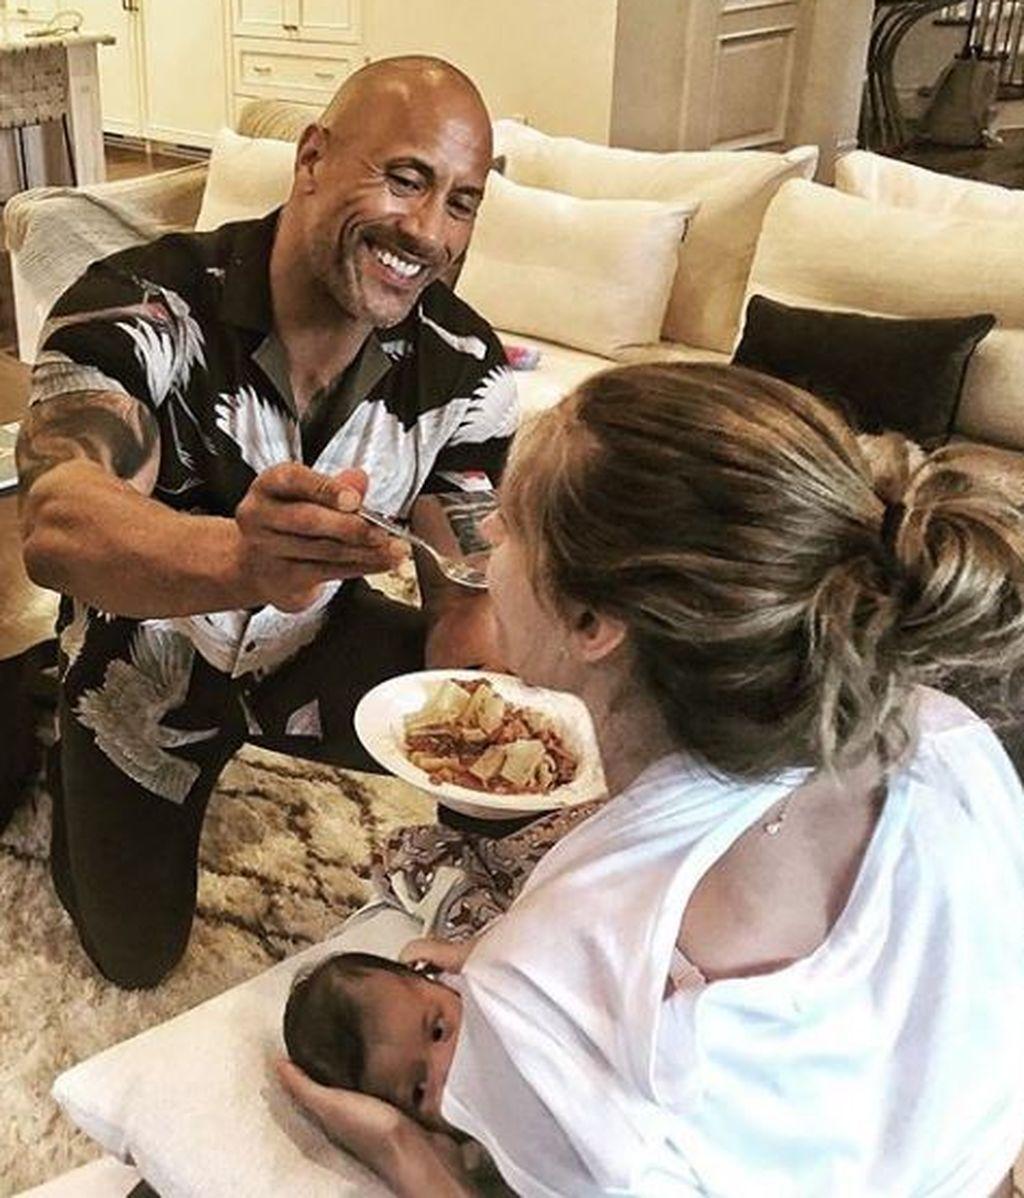 Dwayne 'La Roca' Johnson enternece a sus seguidores junto a su mujer y su hija